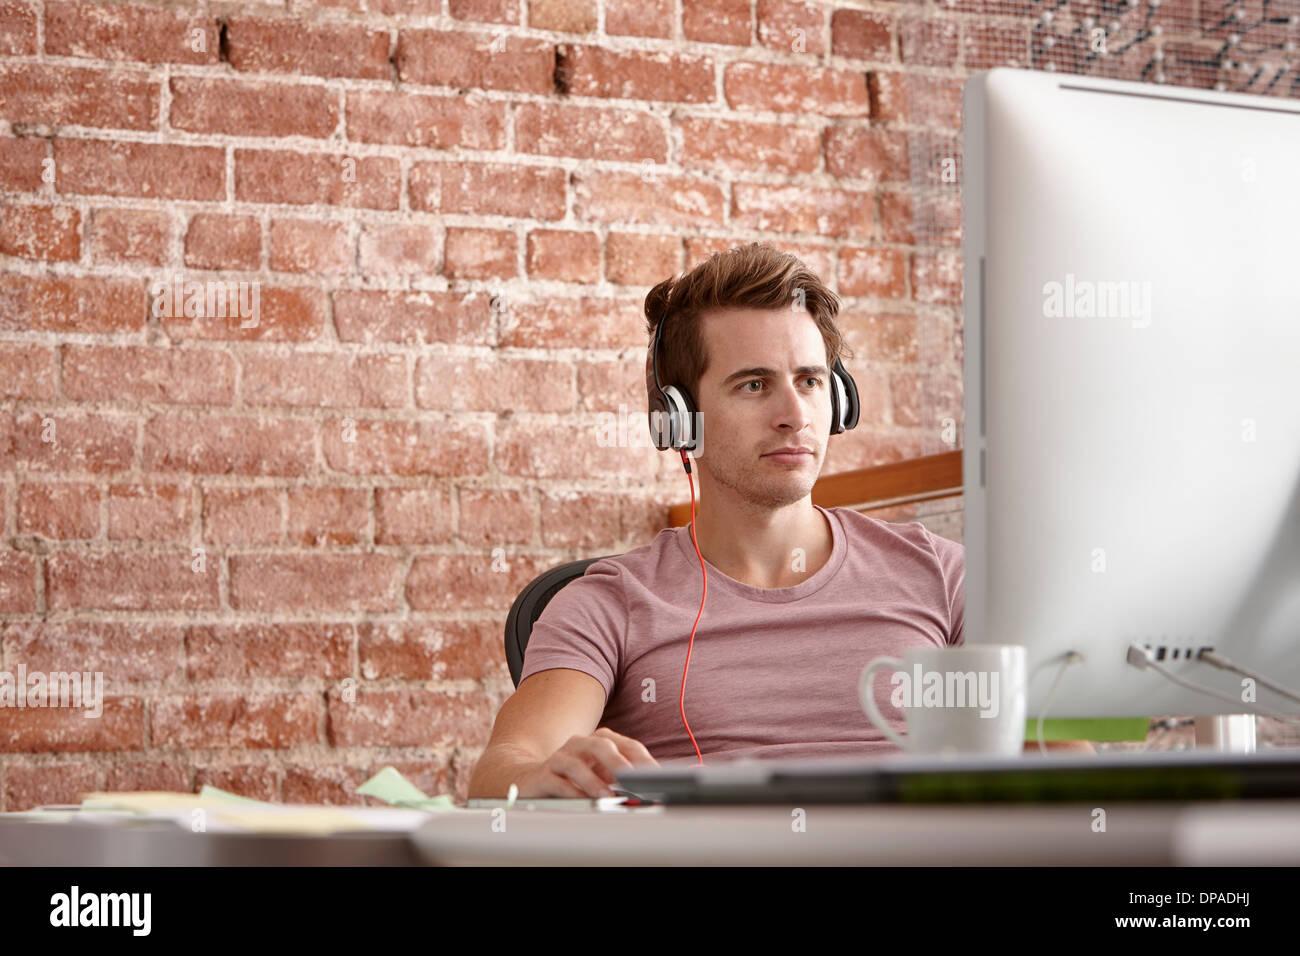 Jeune homme à l'aide d'ordinateur portant des écouteurs Photo Stock